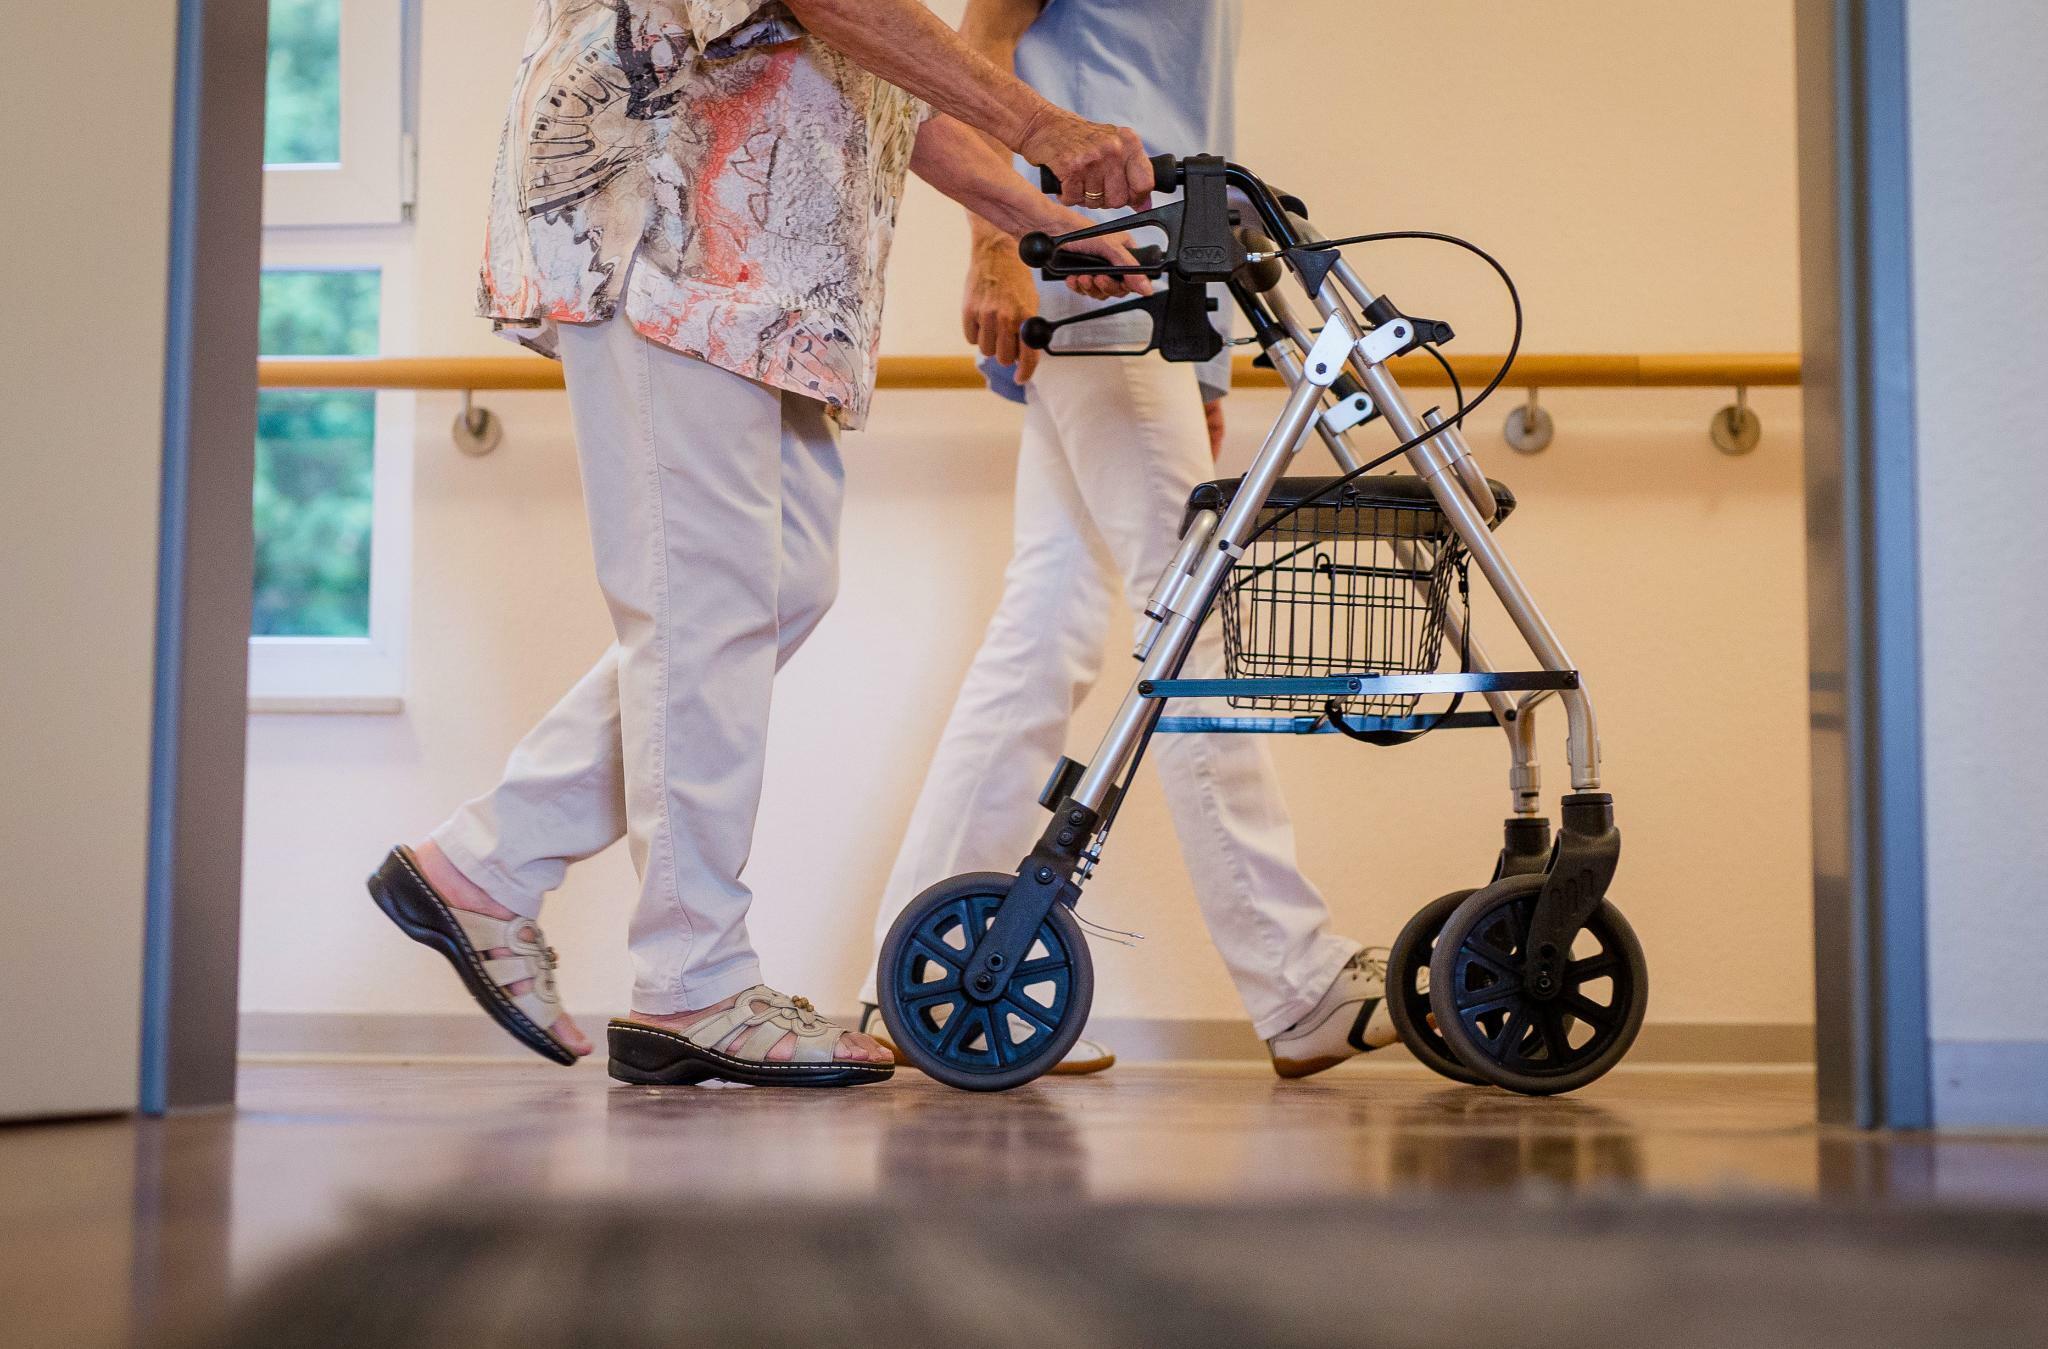 Altenpflege: Pflegewirtschaft steht vor Investitionswelle